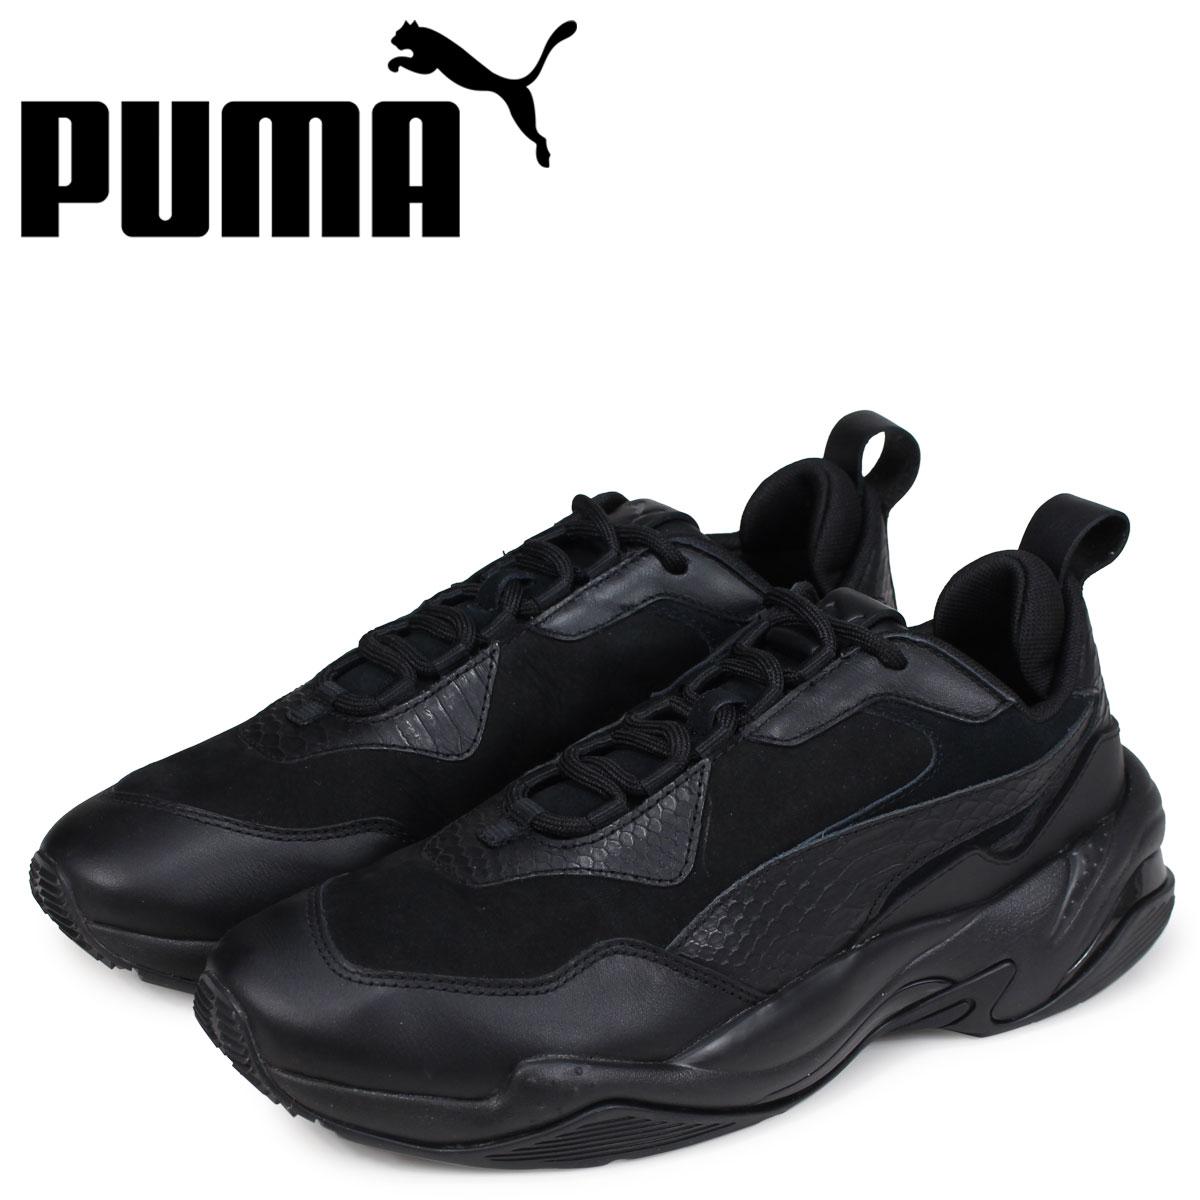 PUMA プーマ サンダーデザート スニーカー メンズ THUNDER DESERT ブラック 黒 367997-04 [3/13 再入荷]